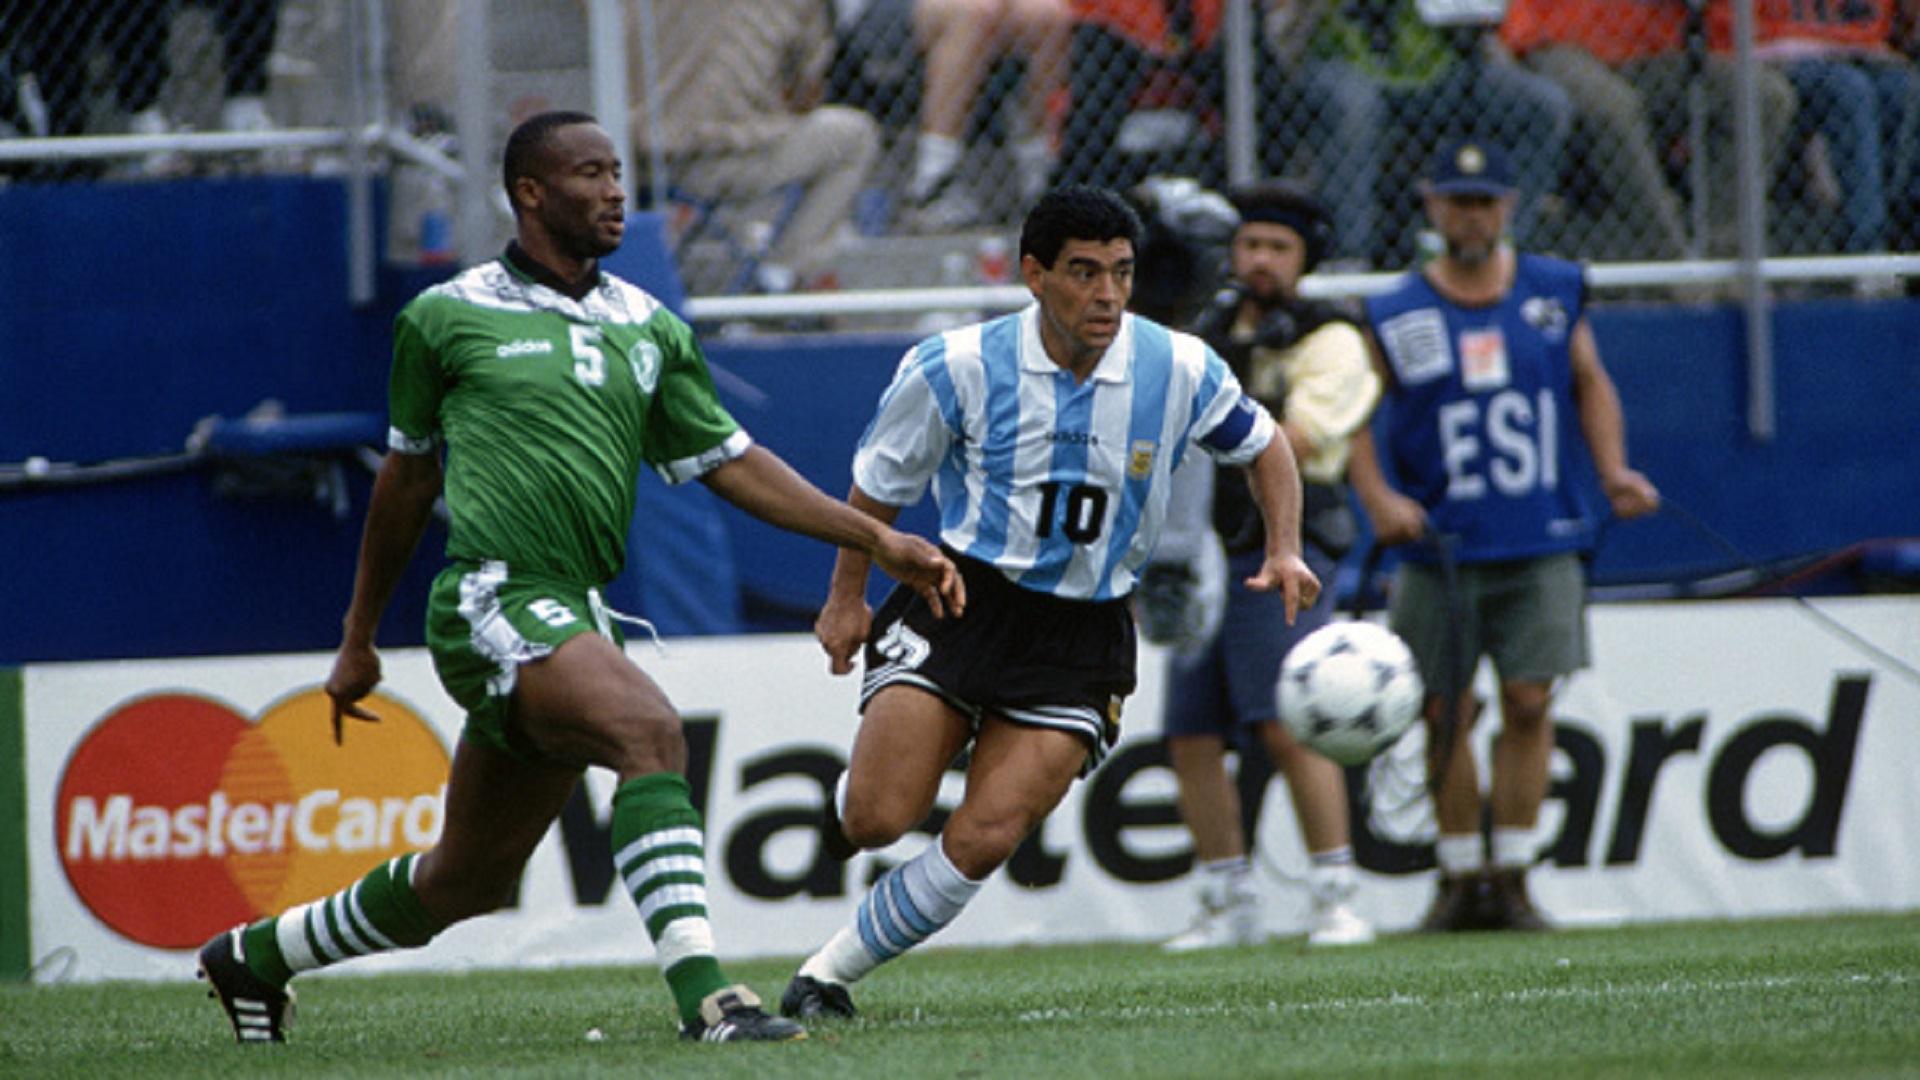 BREAKING – Football legend, Diego Maradona is dead